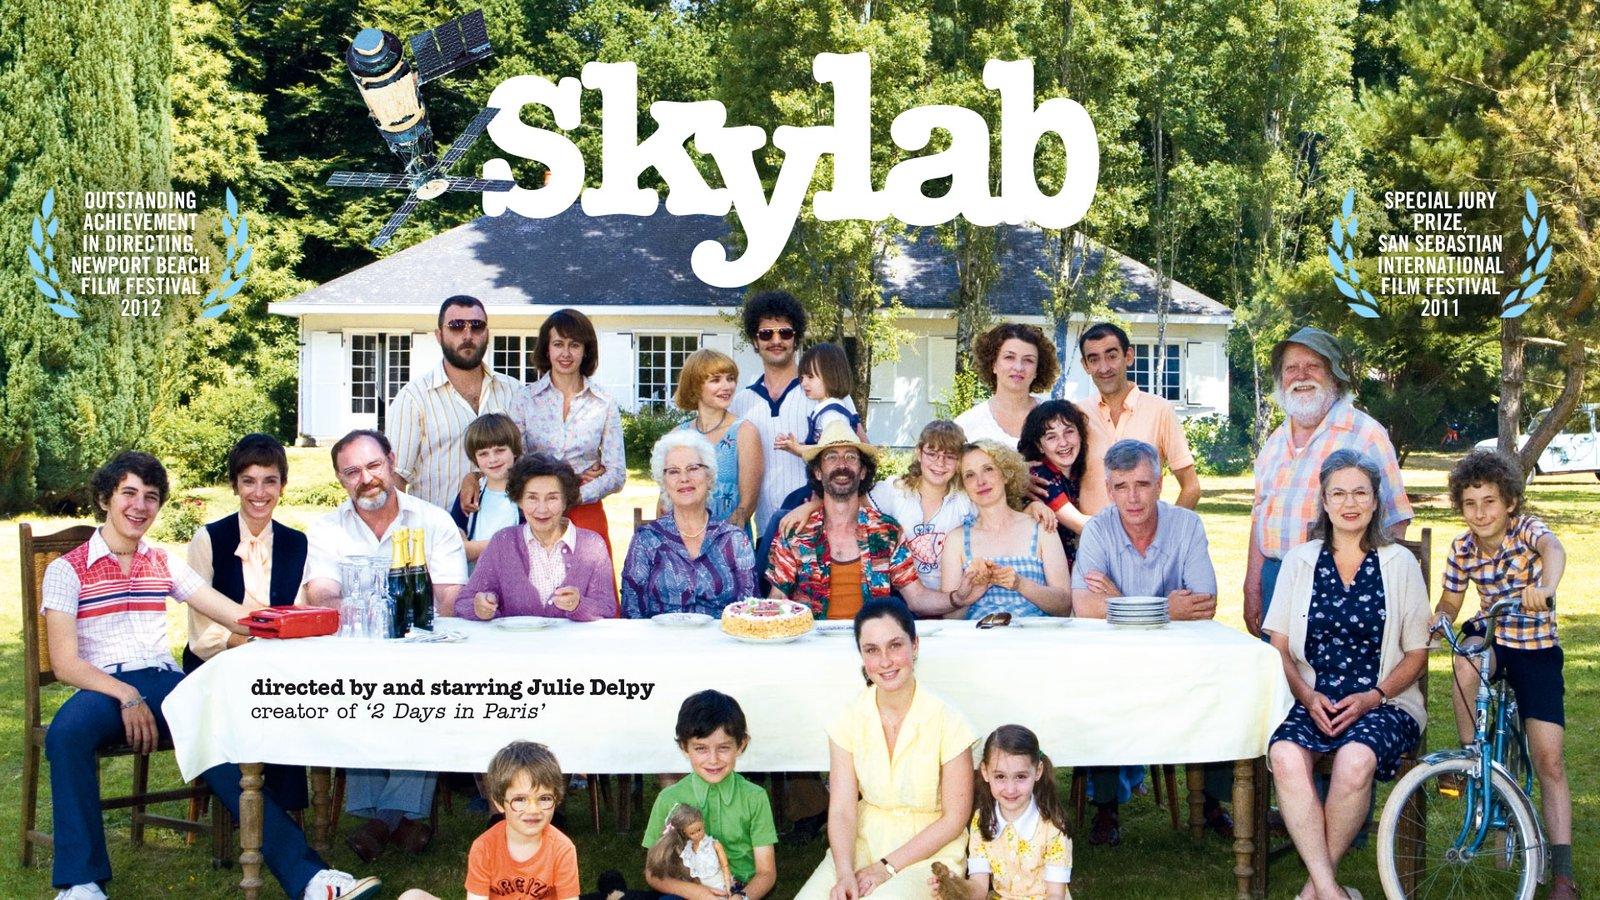 Skylab - Le Skylab